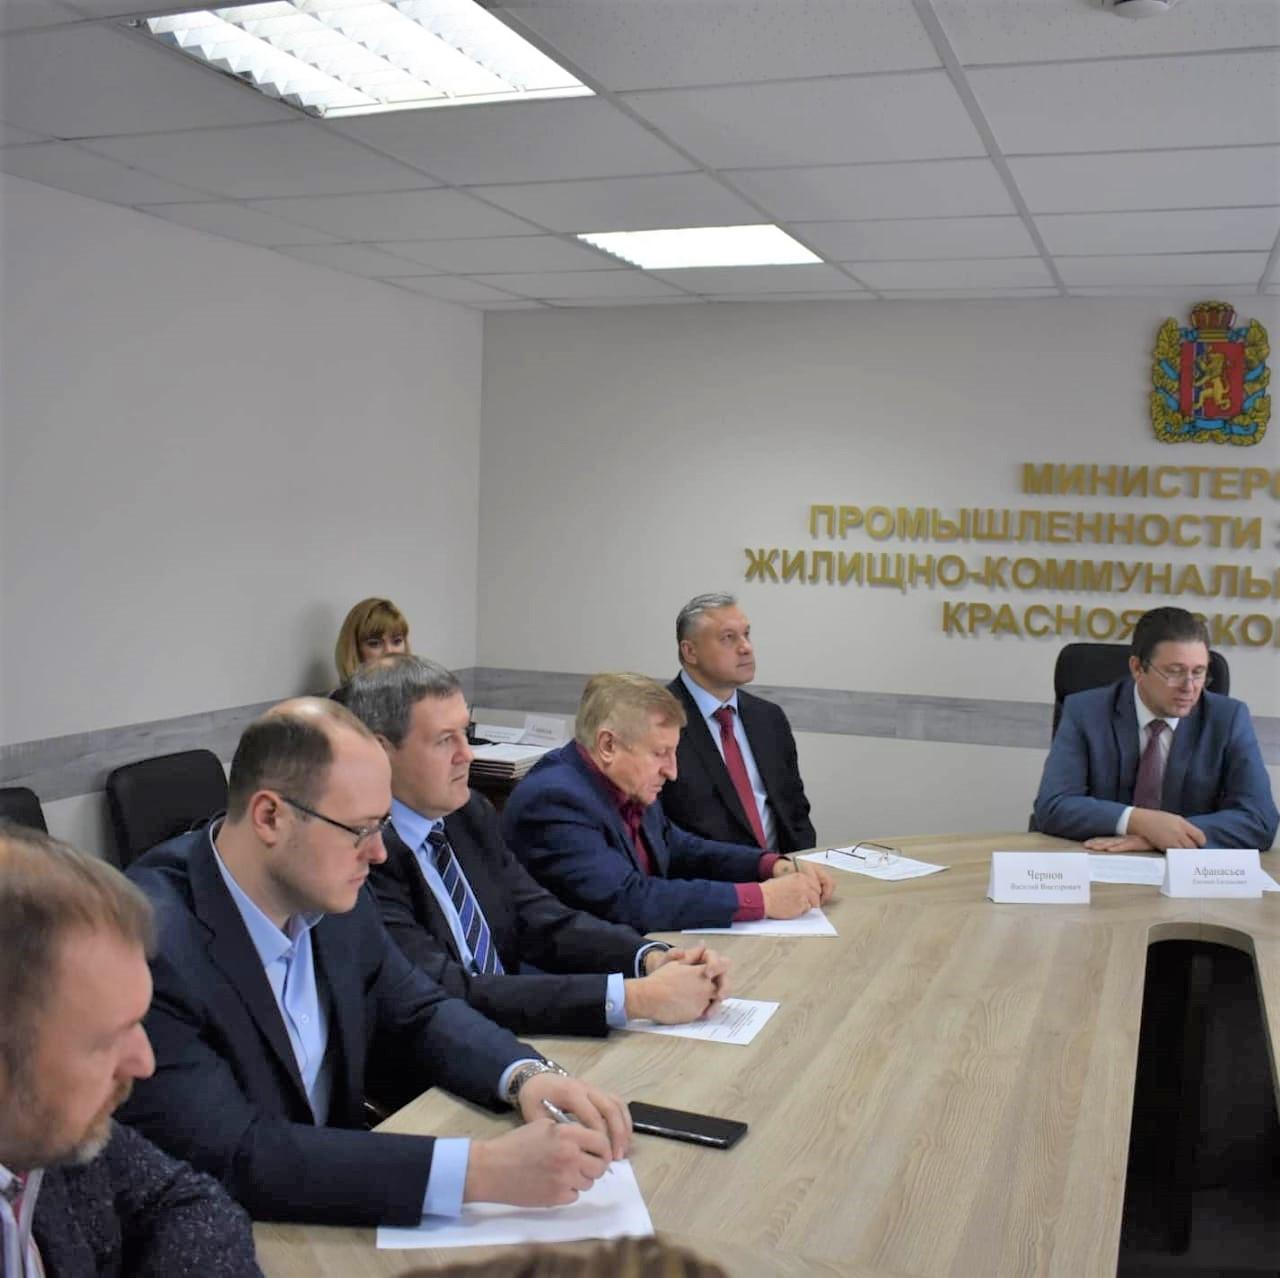 Заседание общественного совета при министерстве промышленности, энергетики и ЖКХ Красноярского края